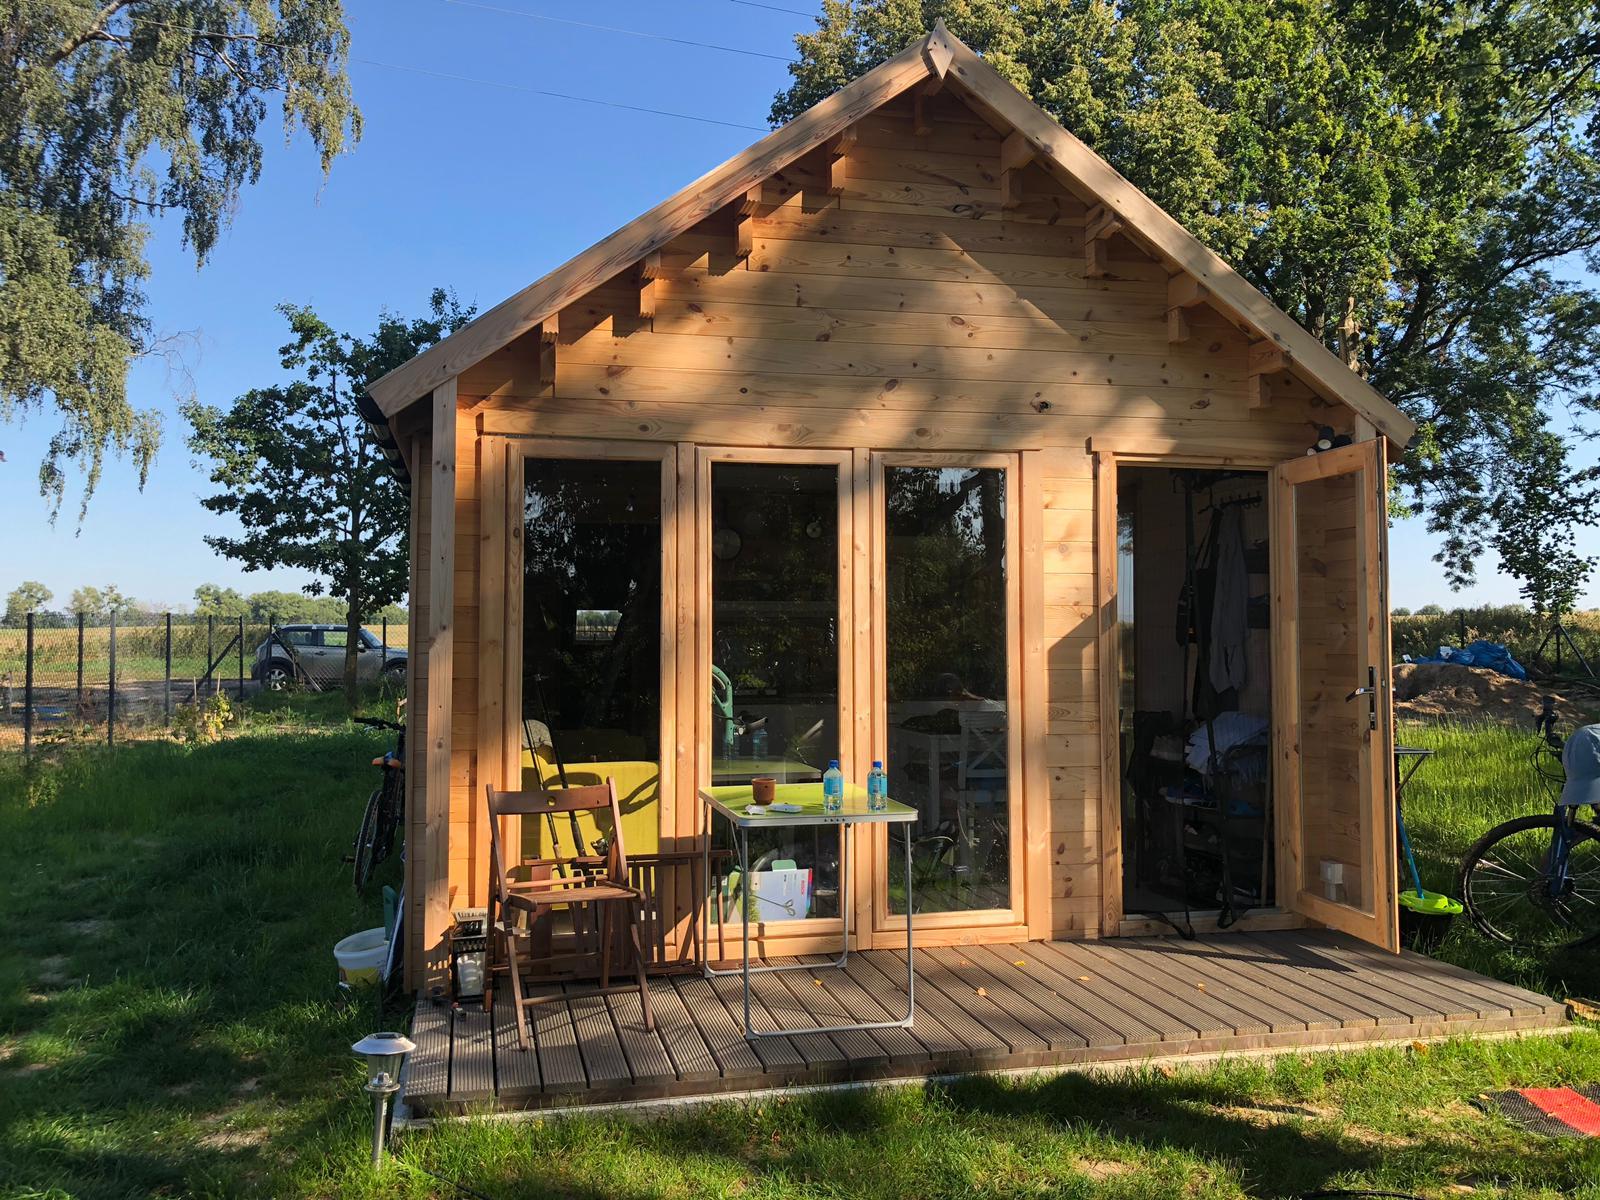 Drewniane domki całoroczne firmy Eko Architektura - Zdjęcie główne